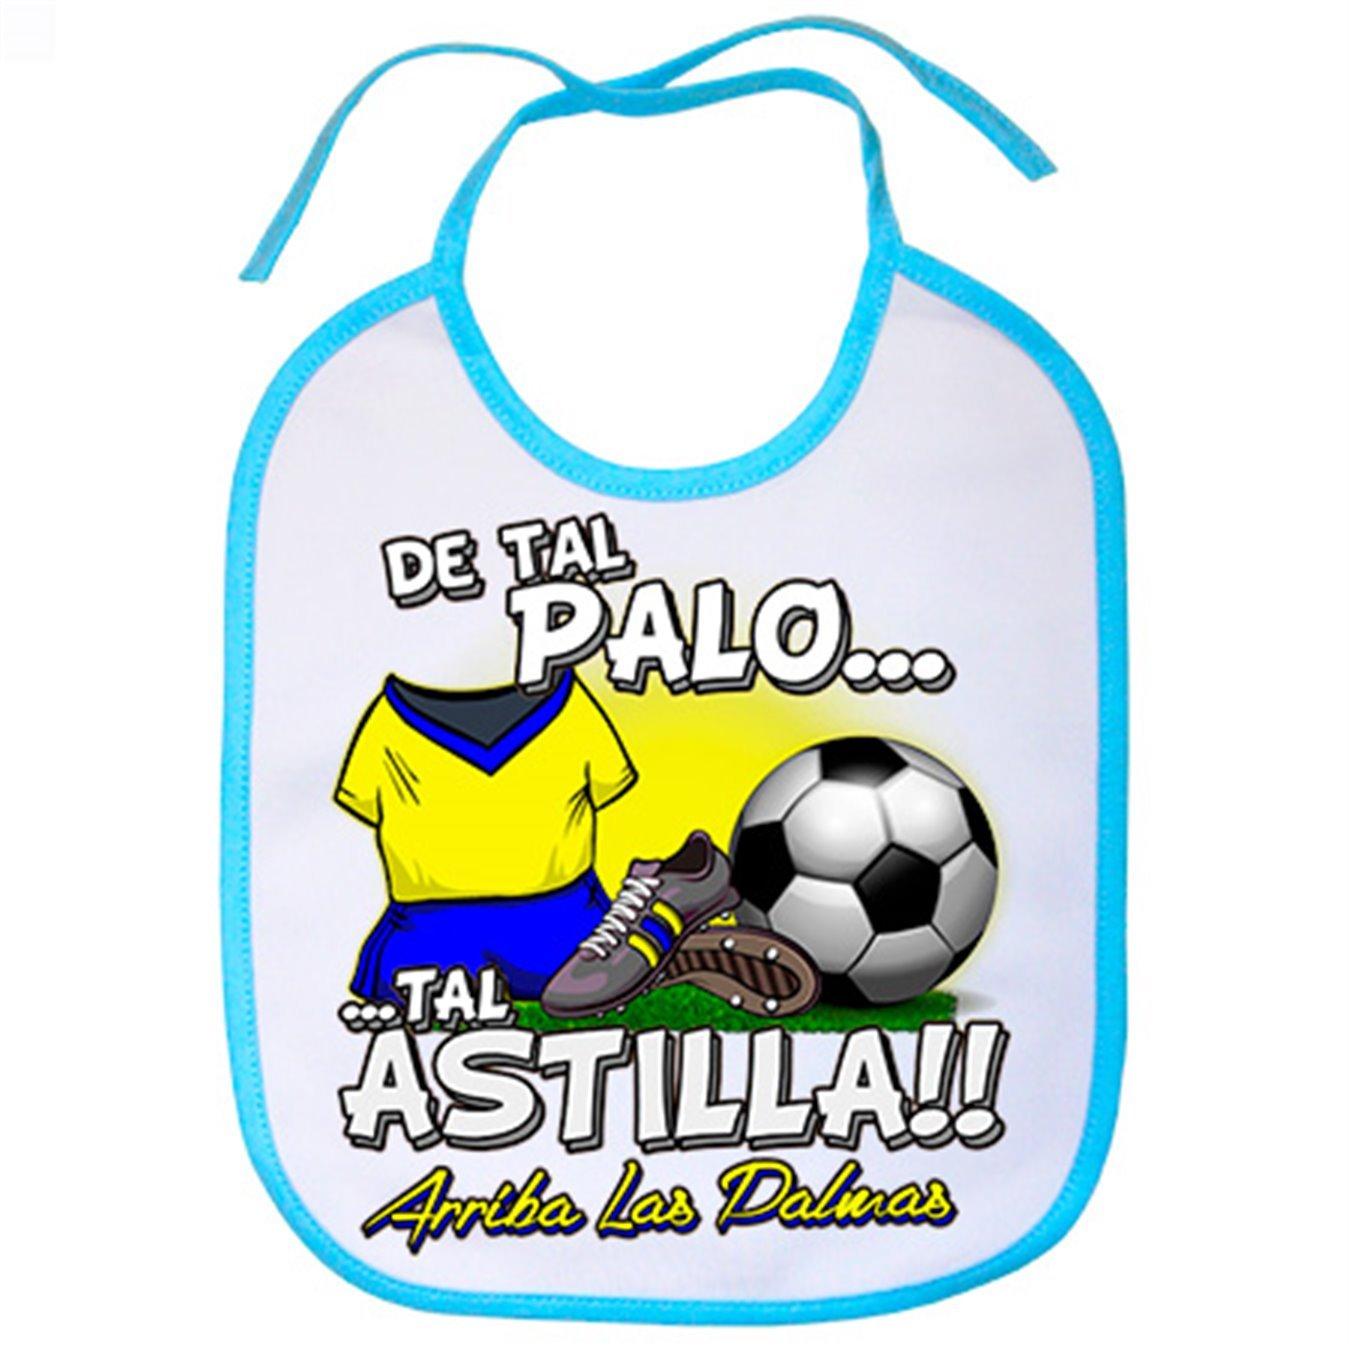 Babero De tal palo tal astilla Las Palmas fútbol - Celeste: Amazon.es: Bebé